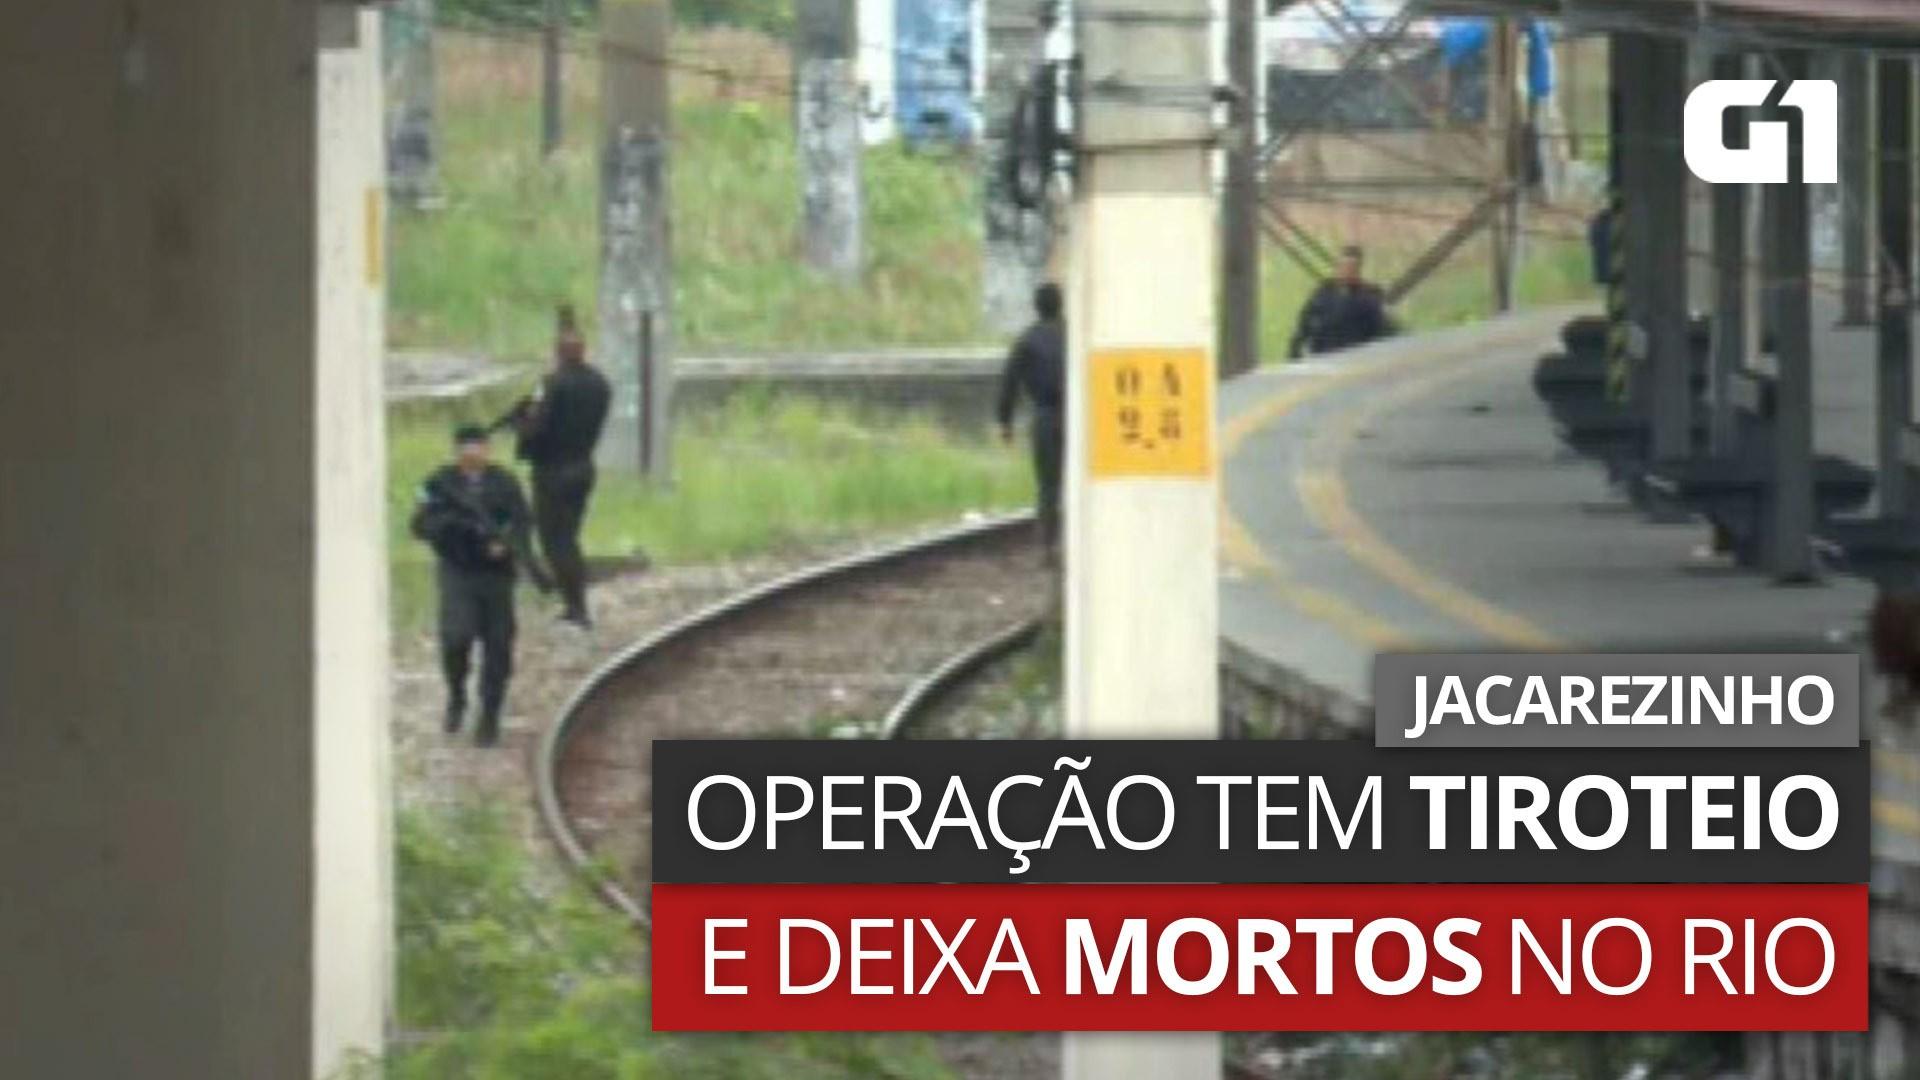 VÍDEOS: operação com 25 mortos no Jacarezinho